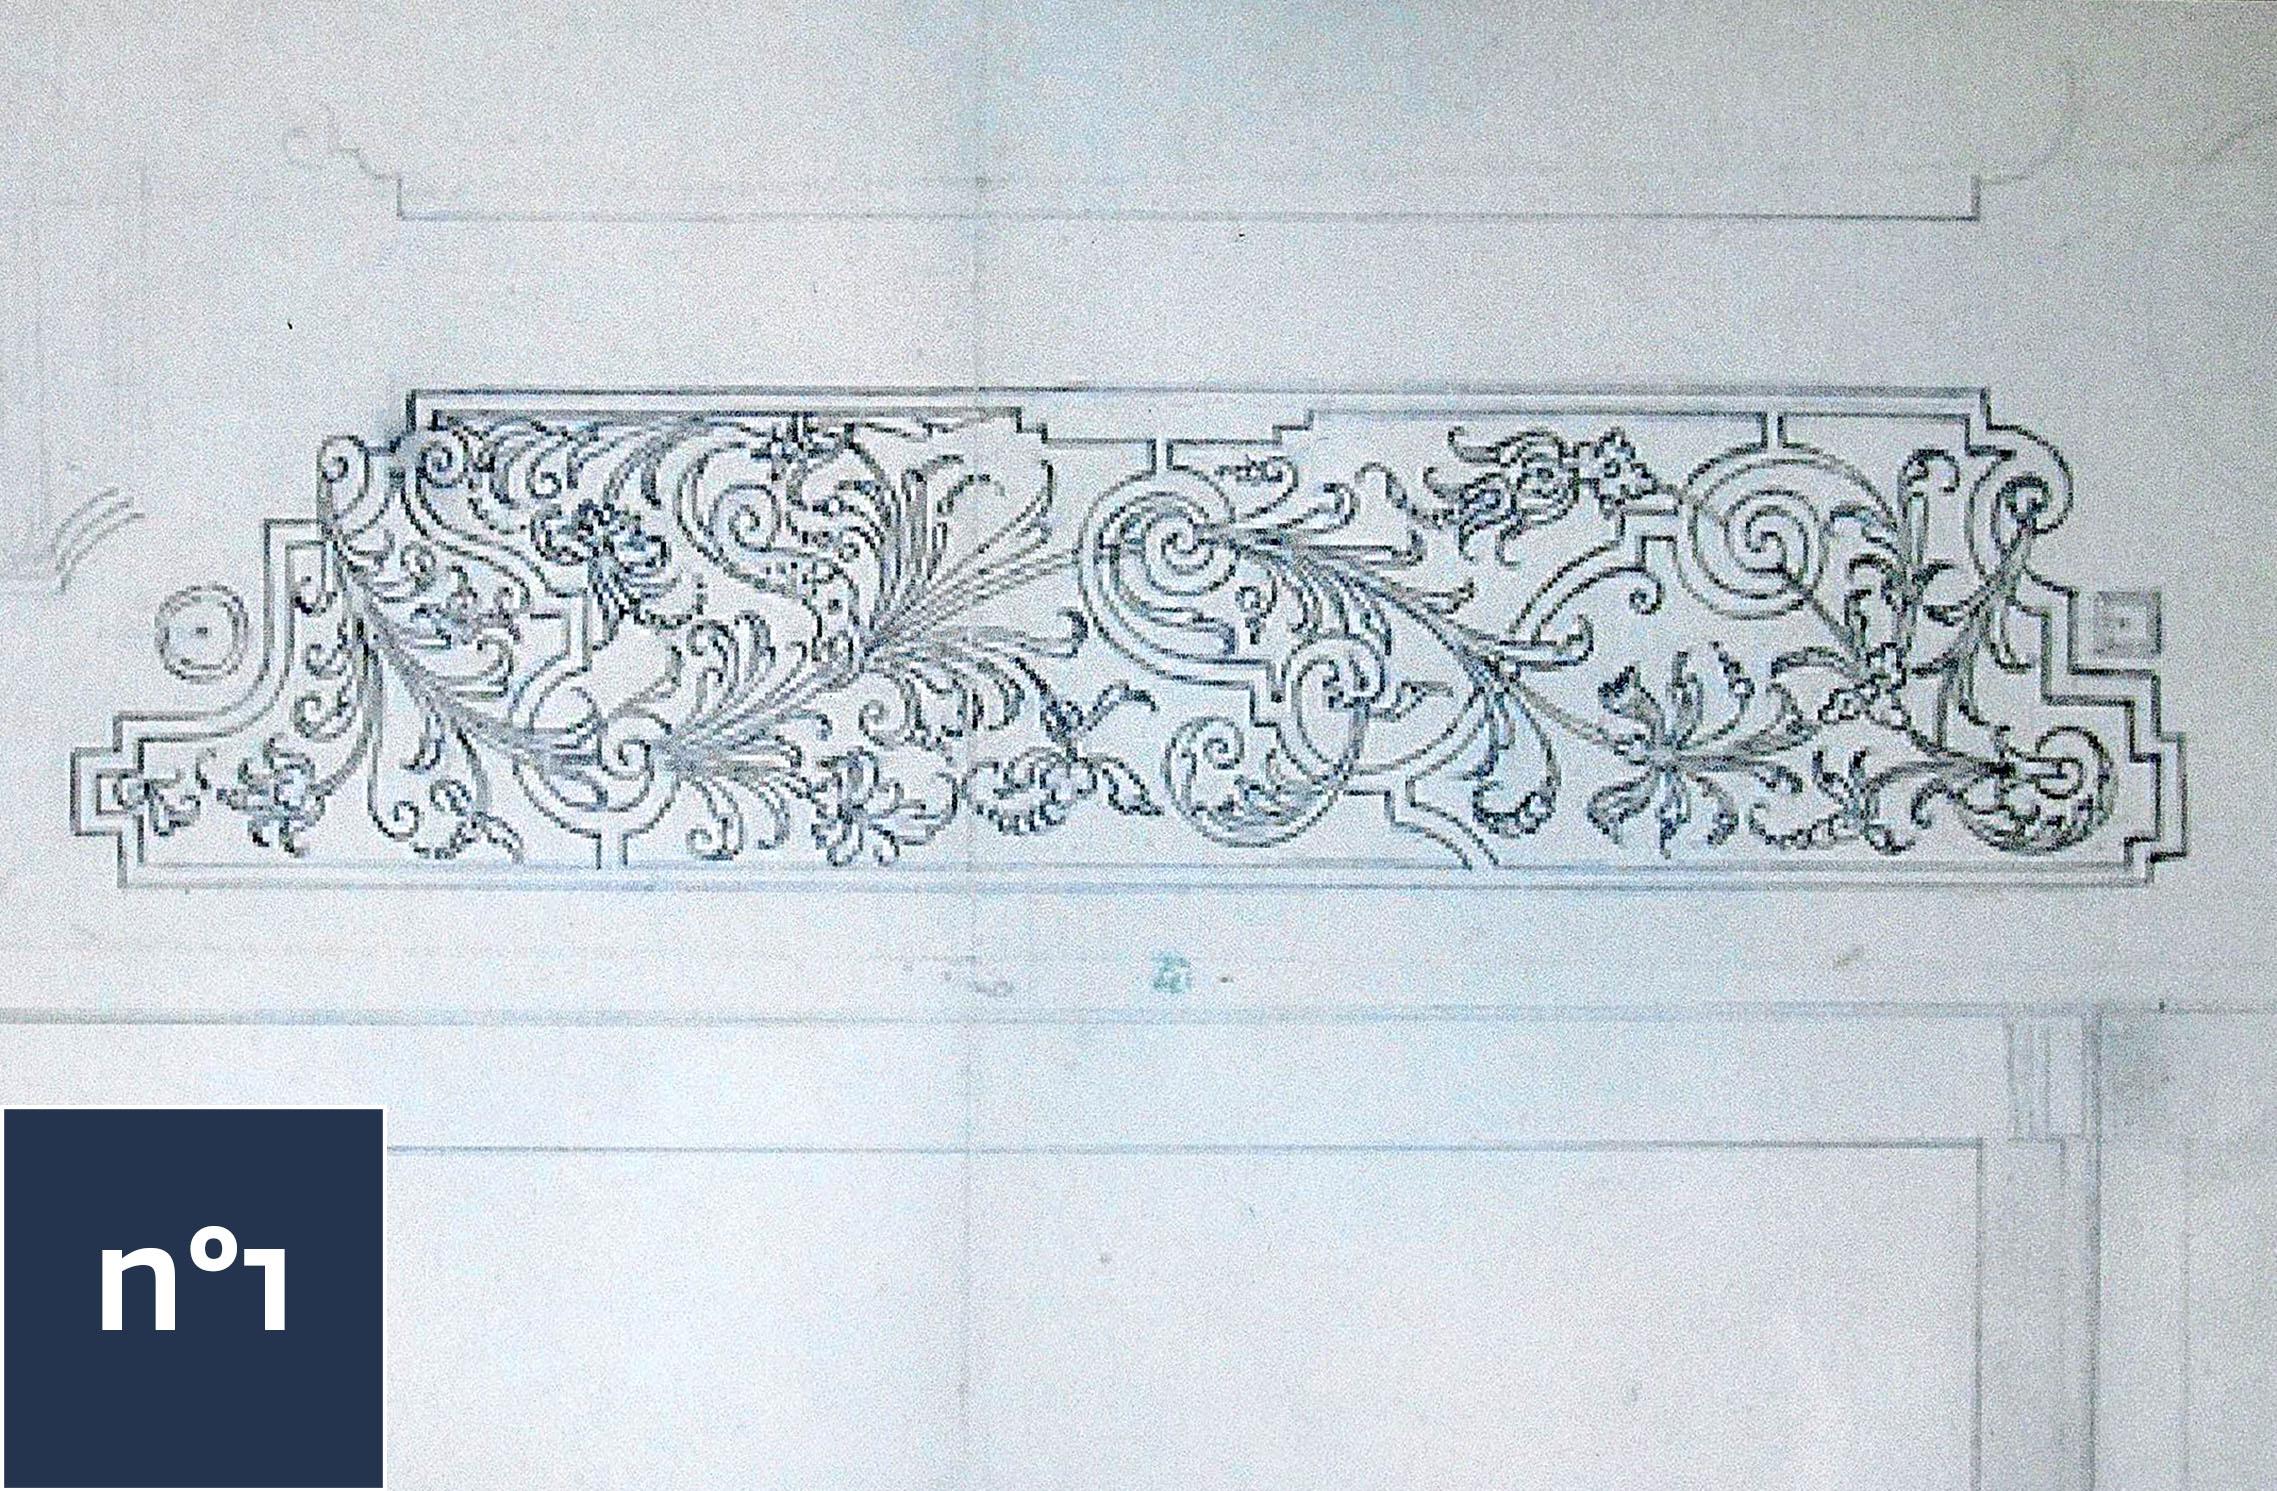 Dessin Broderie dessin broderies de buis 17ème par tessin - château de vaux-le-vicomte